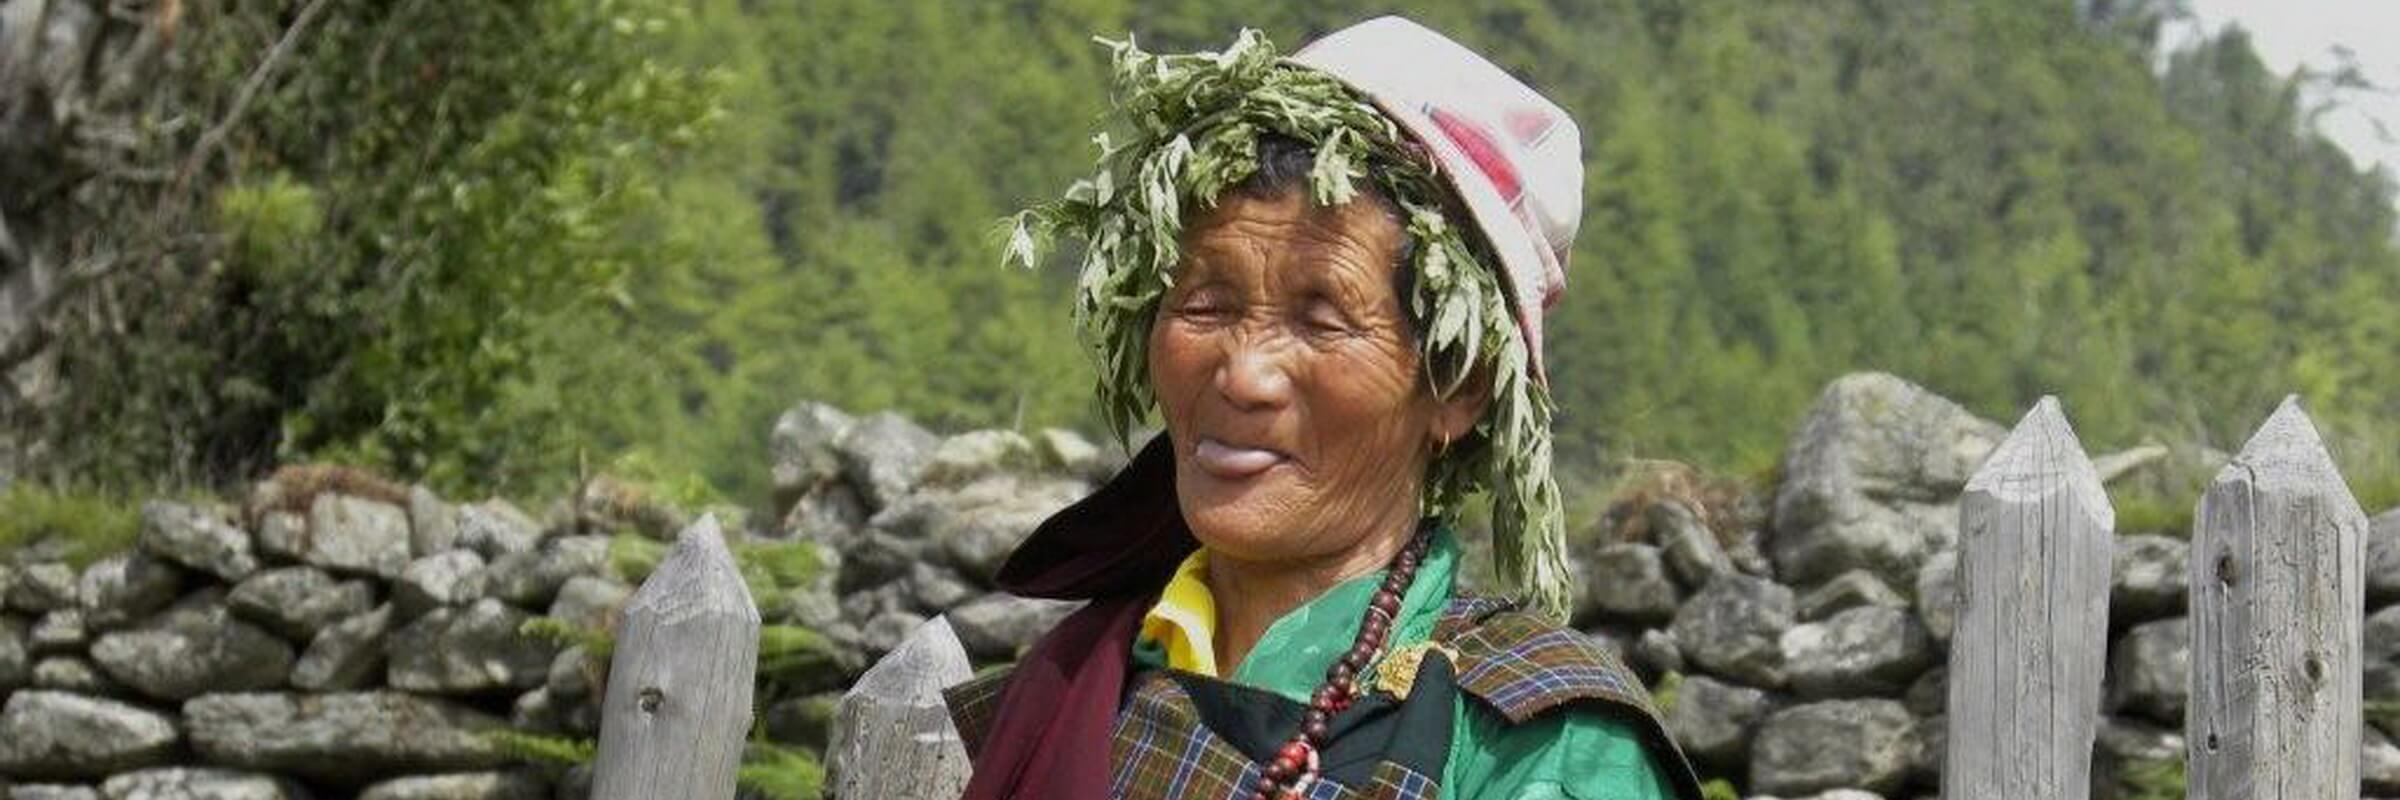 Aufgrund der fruchtbaren Böden im Paro-Tal können dort Reis, Äpfel und Kartoffeln angebaut werden.